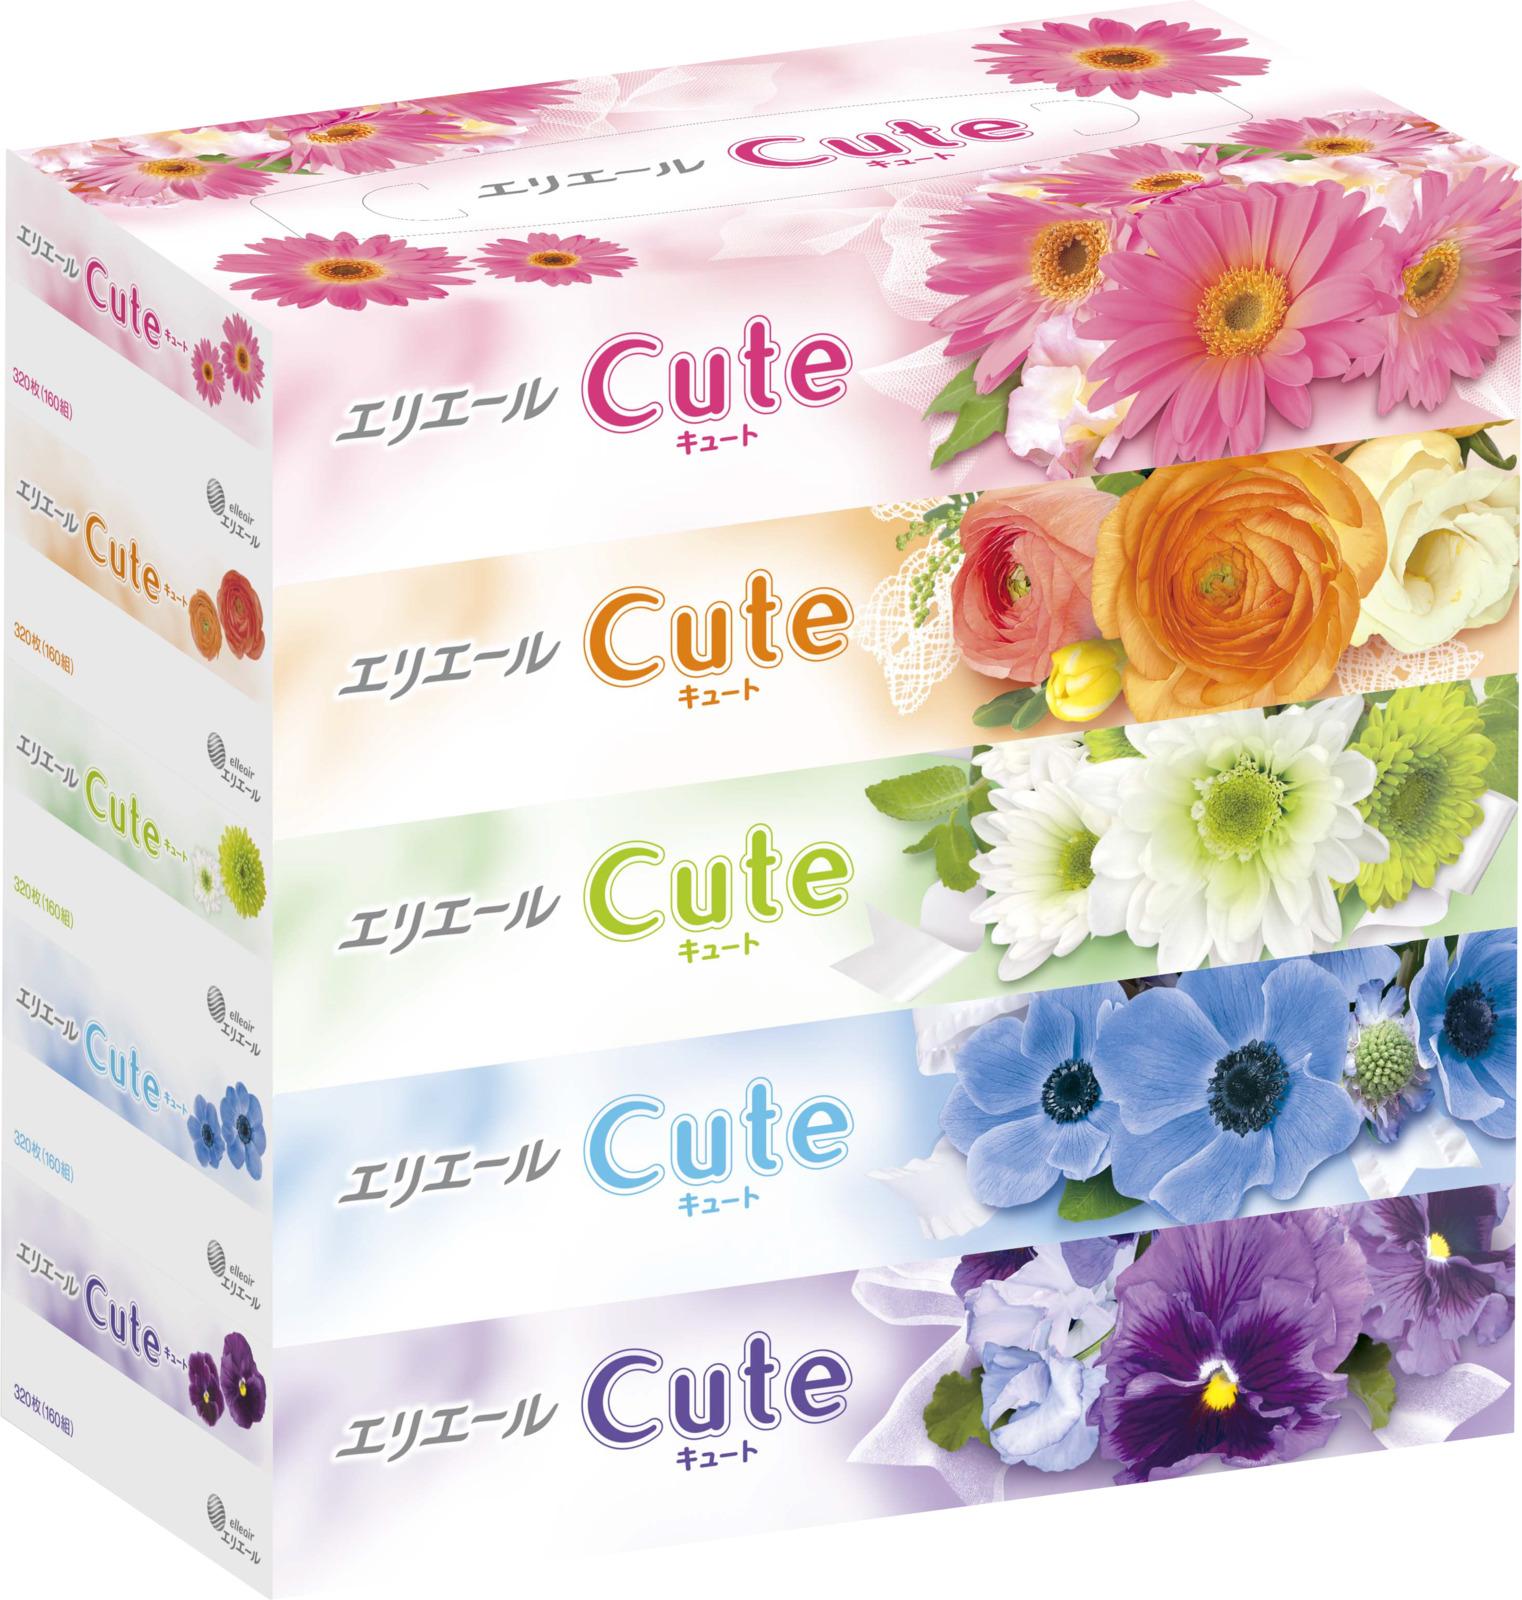 Салфетки бумажные Elleair Cute, в коробке, 5 пачек по 160 шт салфетки бумажные nega нетканные без отдушки 50 шт